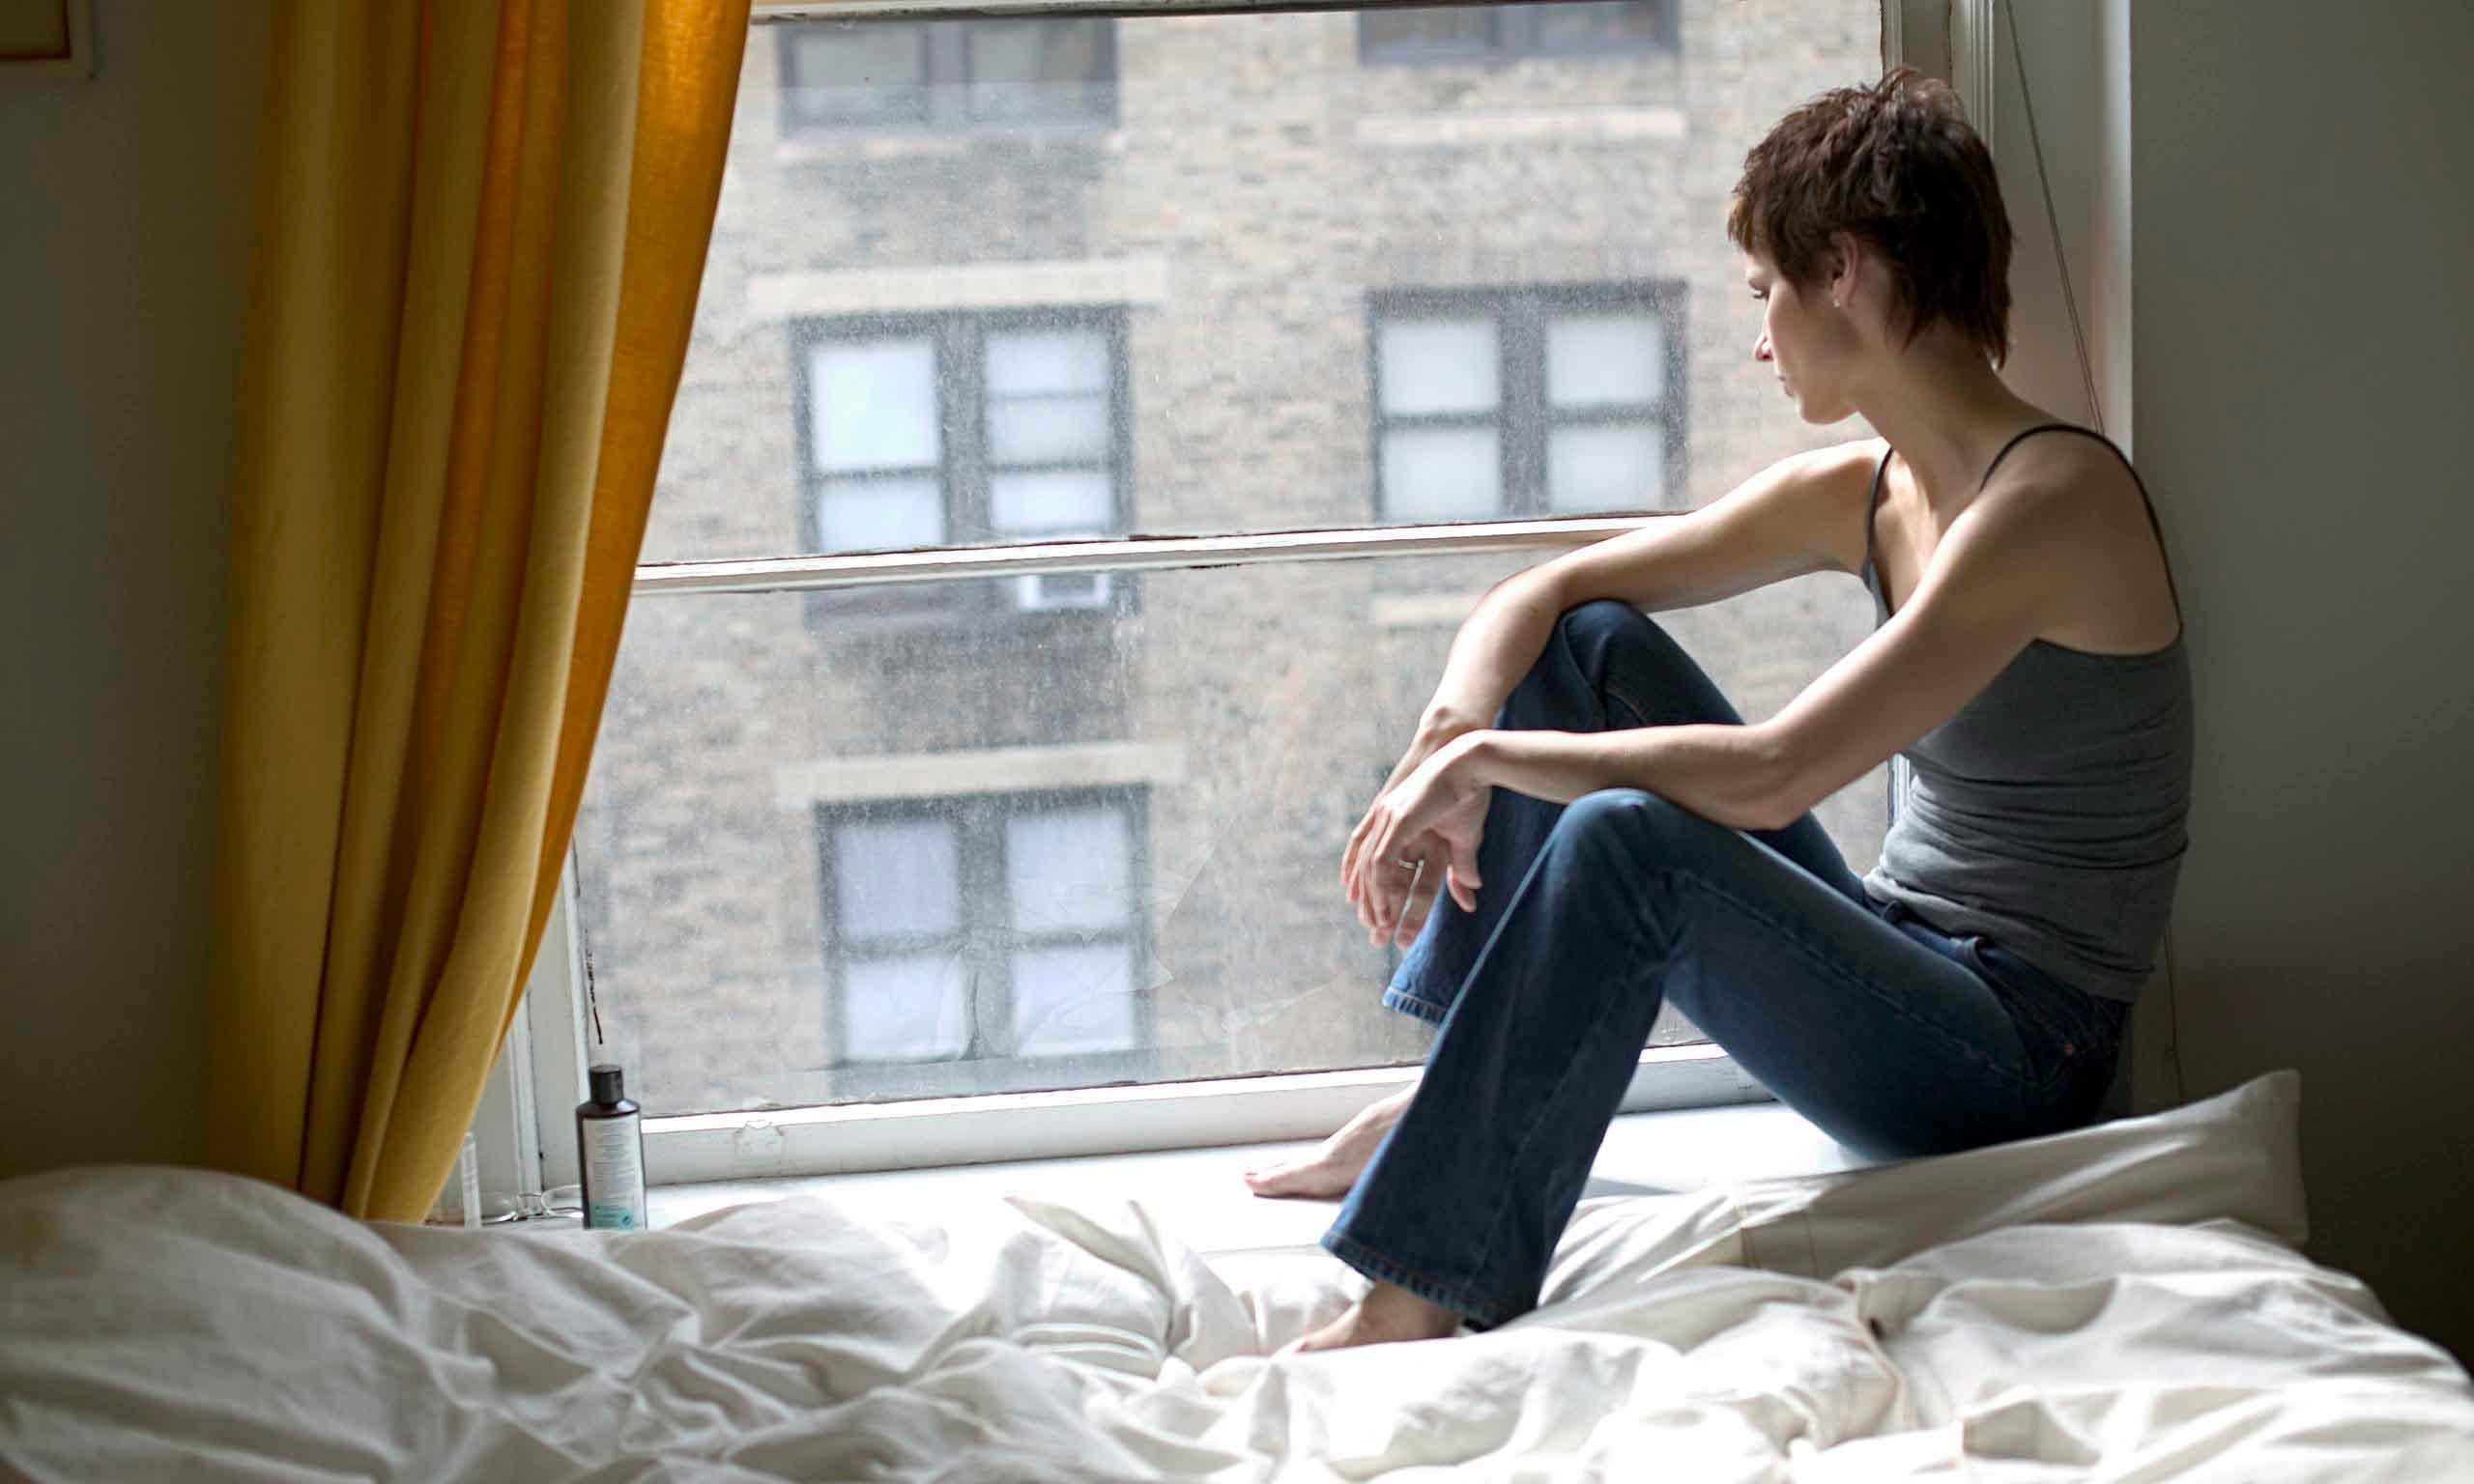 белье термобелье глубоко одинок с женой термобелье перестает